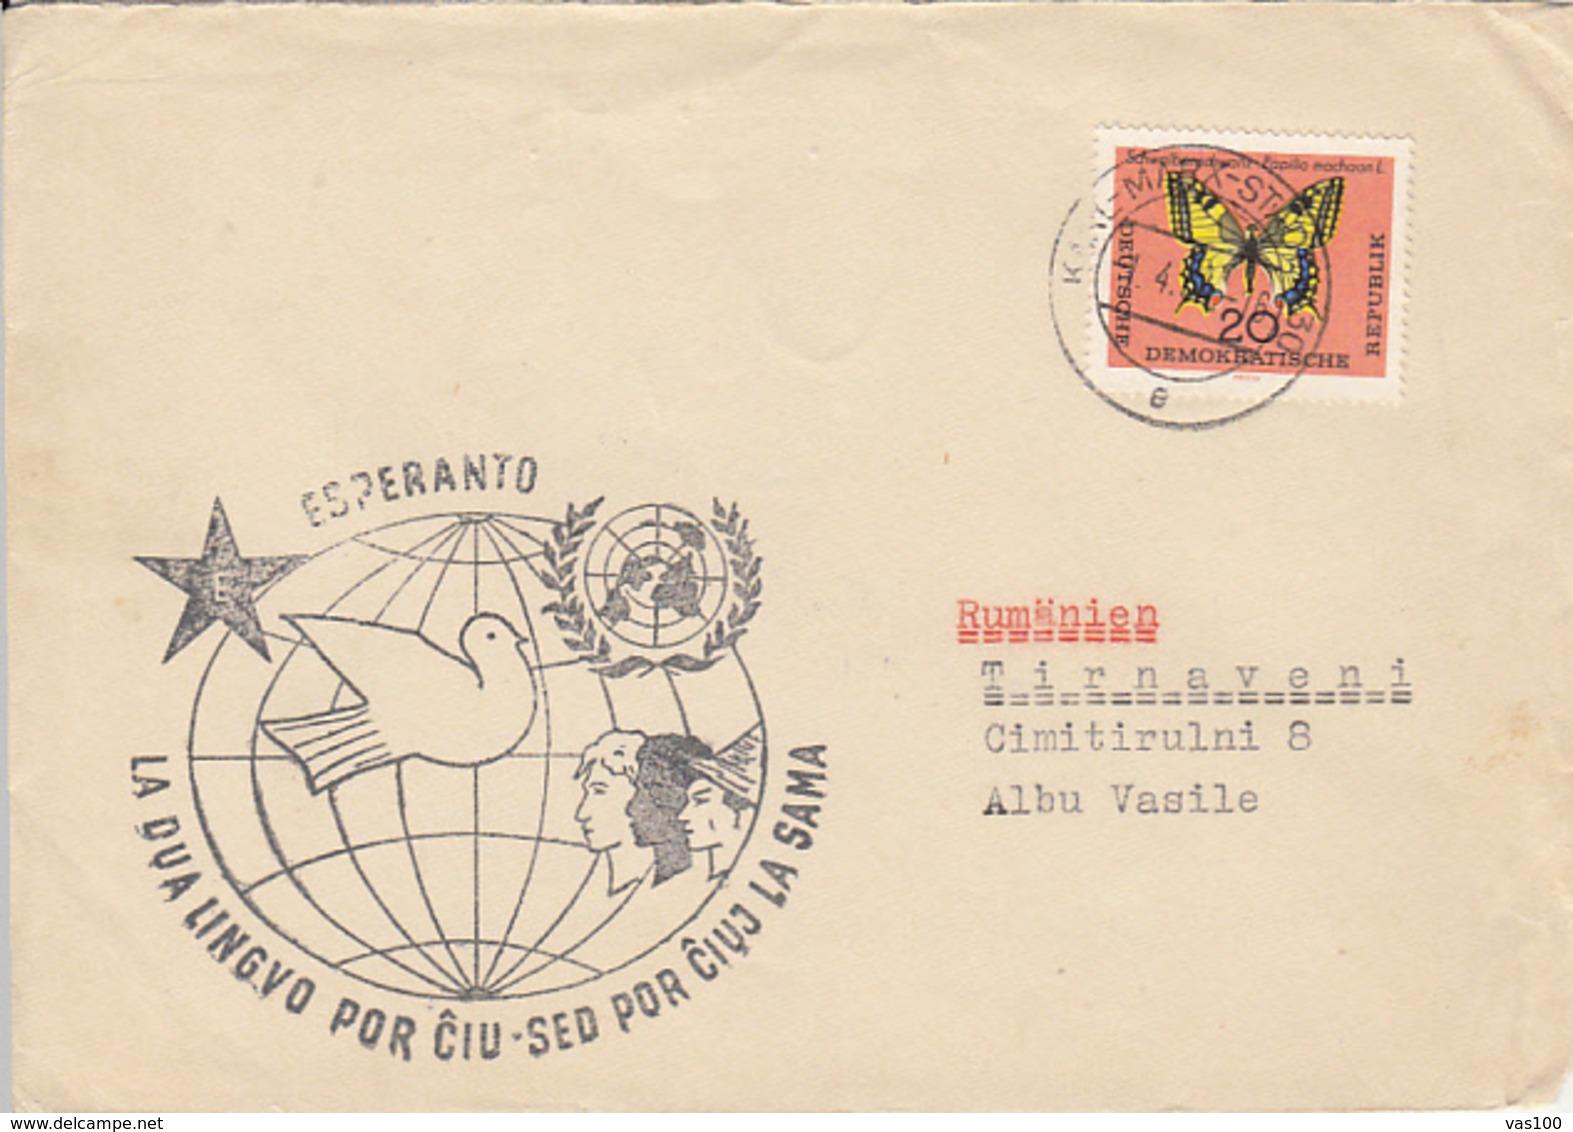 LANGUAGES, ESPERANTO, SPECIAL COVER, 1964, GERMANY - Esperanto